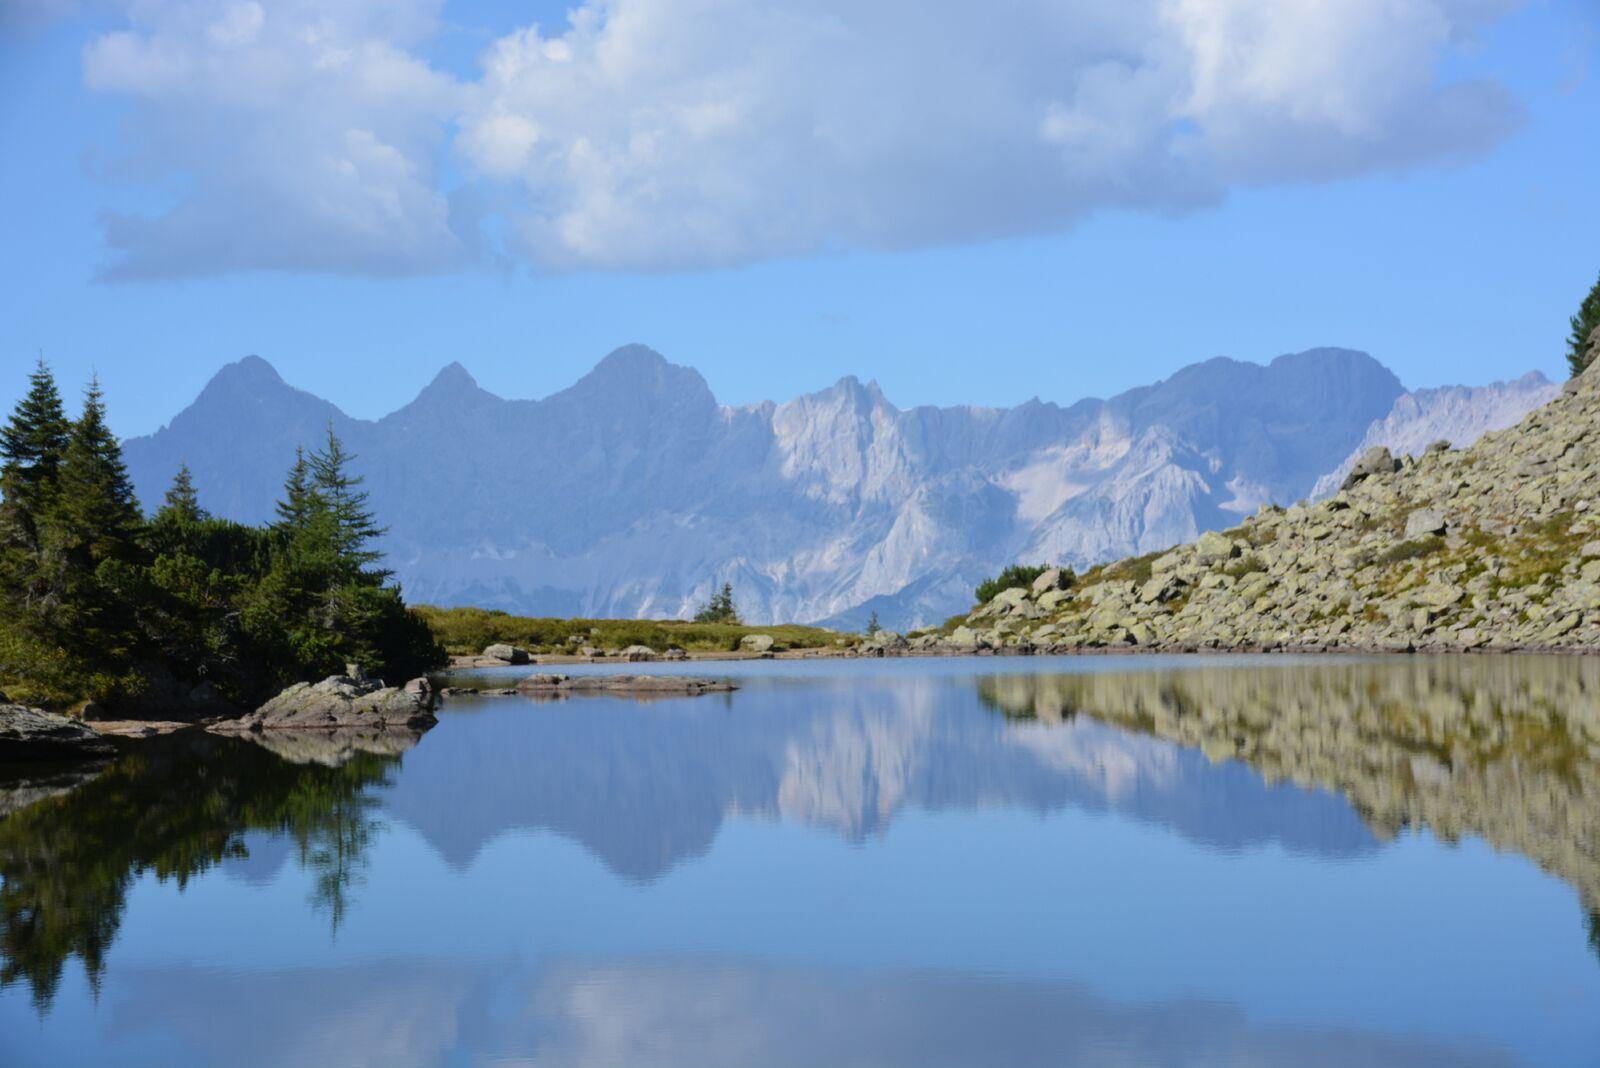 dachstein-spiegelsee-austria-hiking-wanderlust7